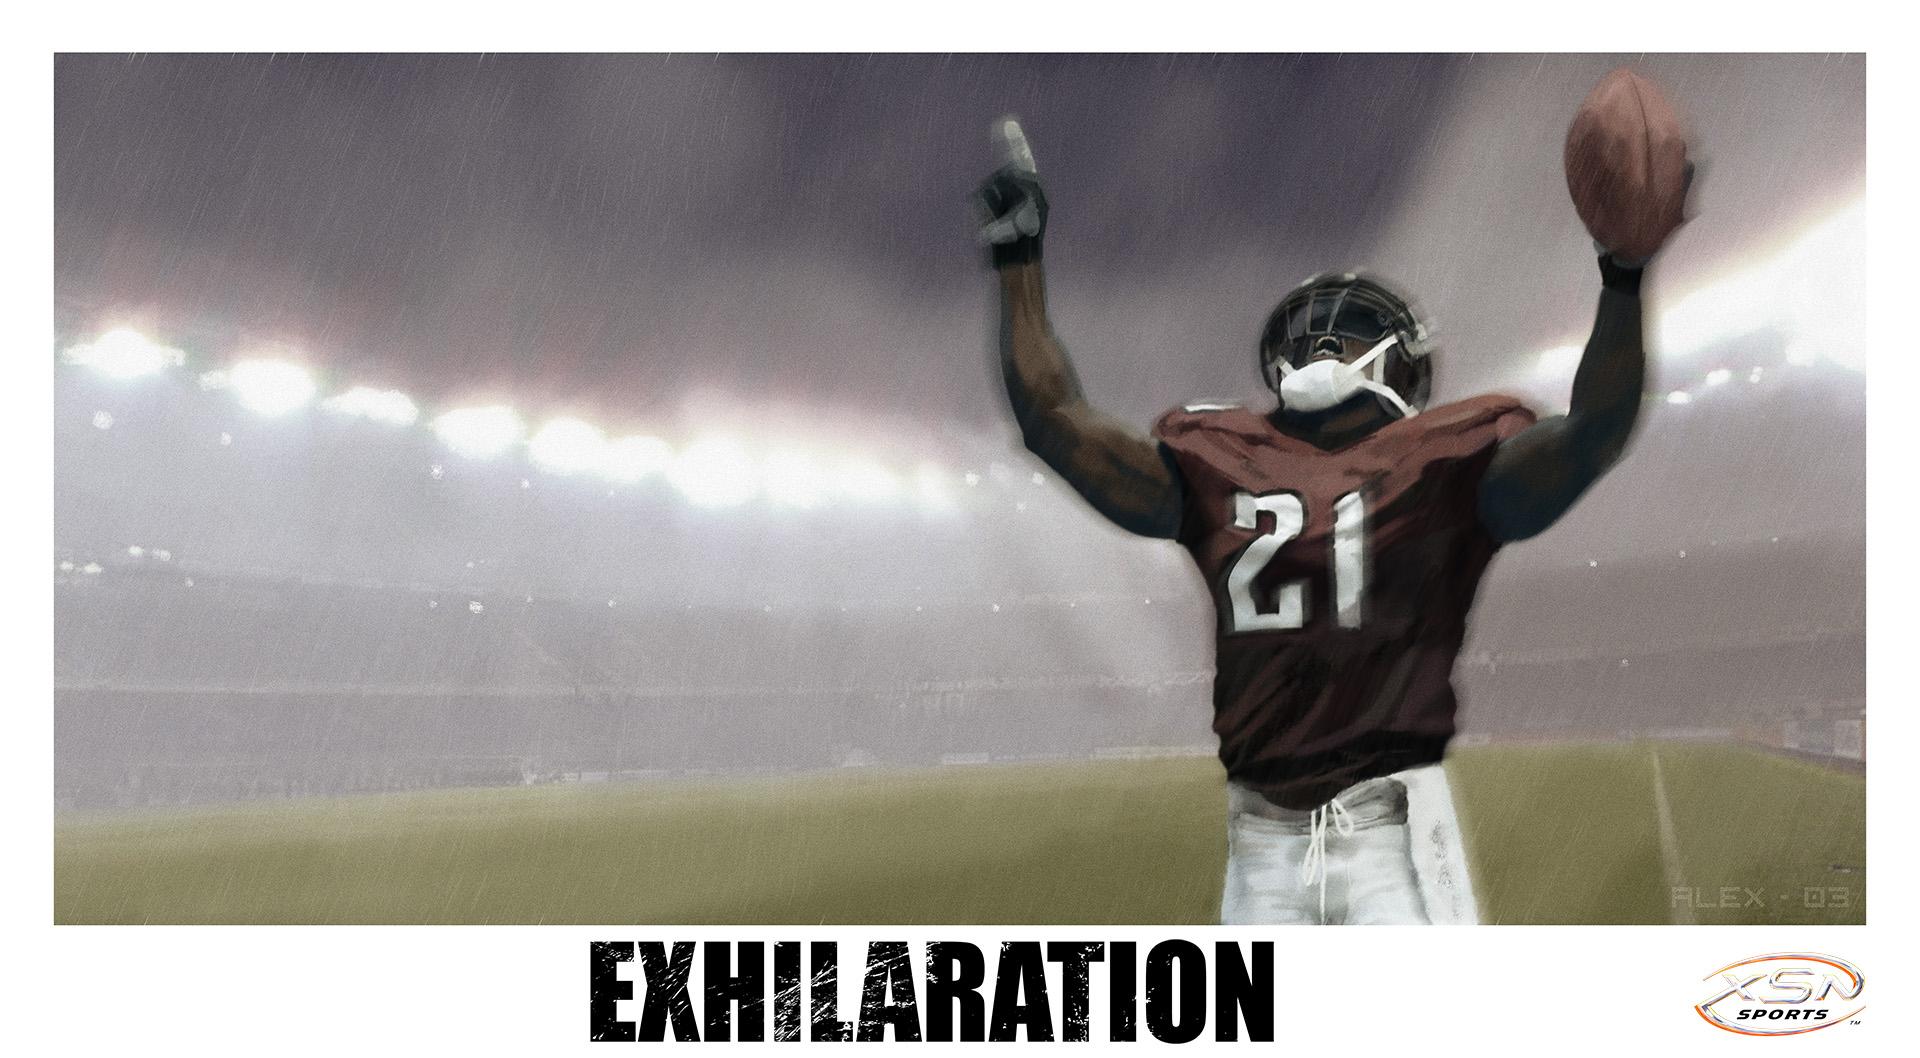 NFL_player2_final_poster.jpg